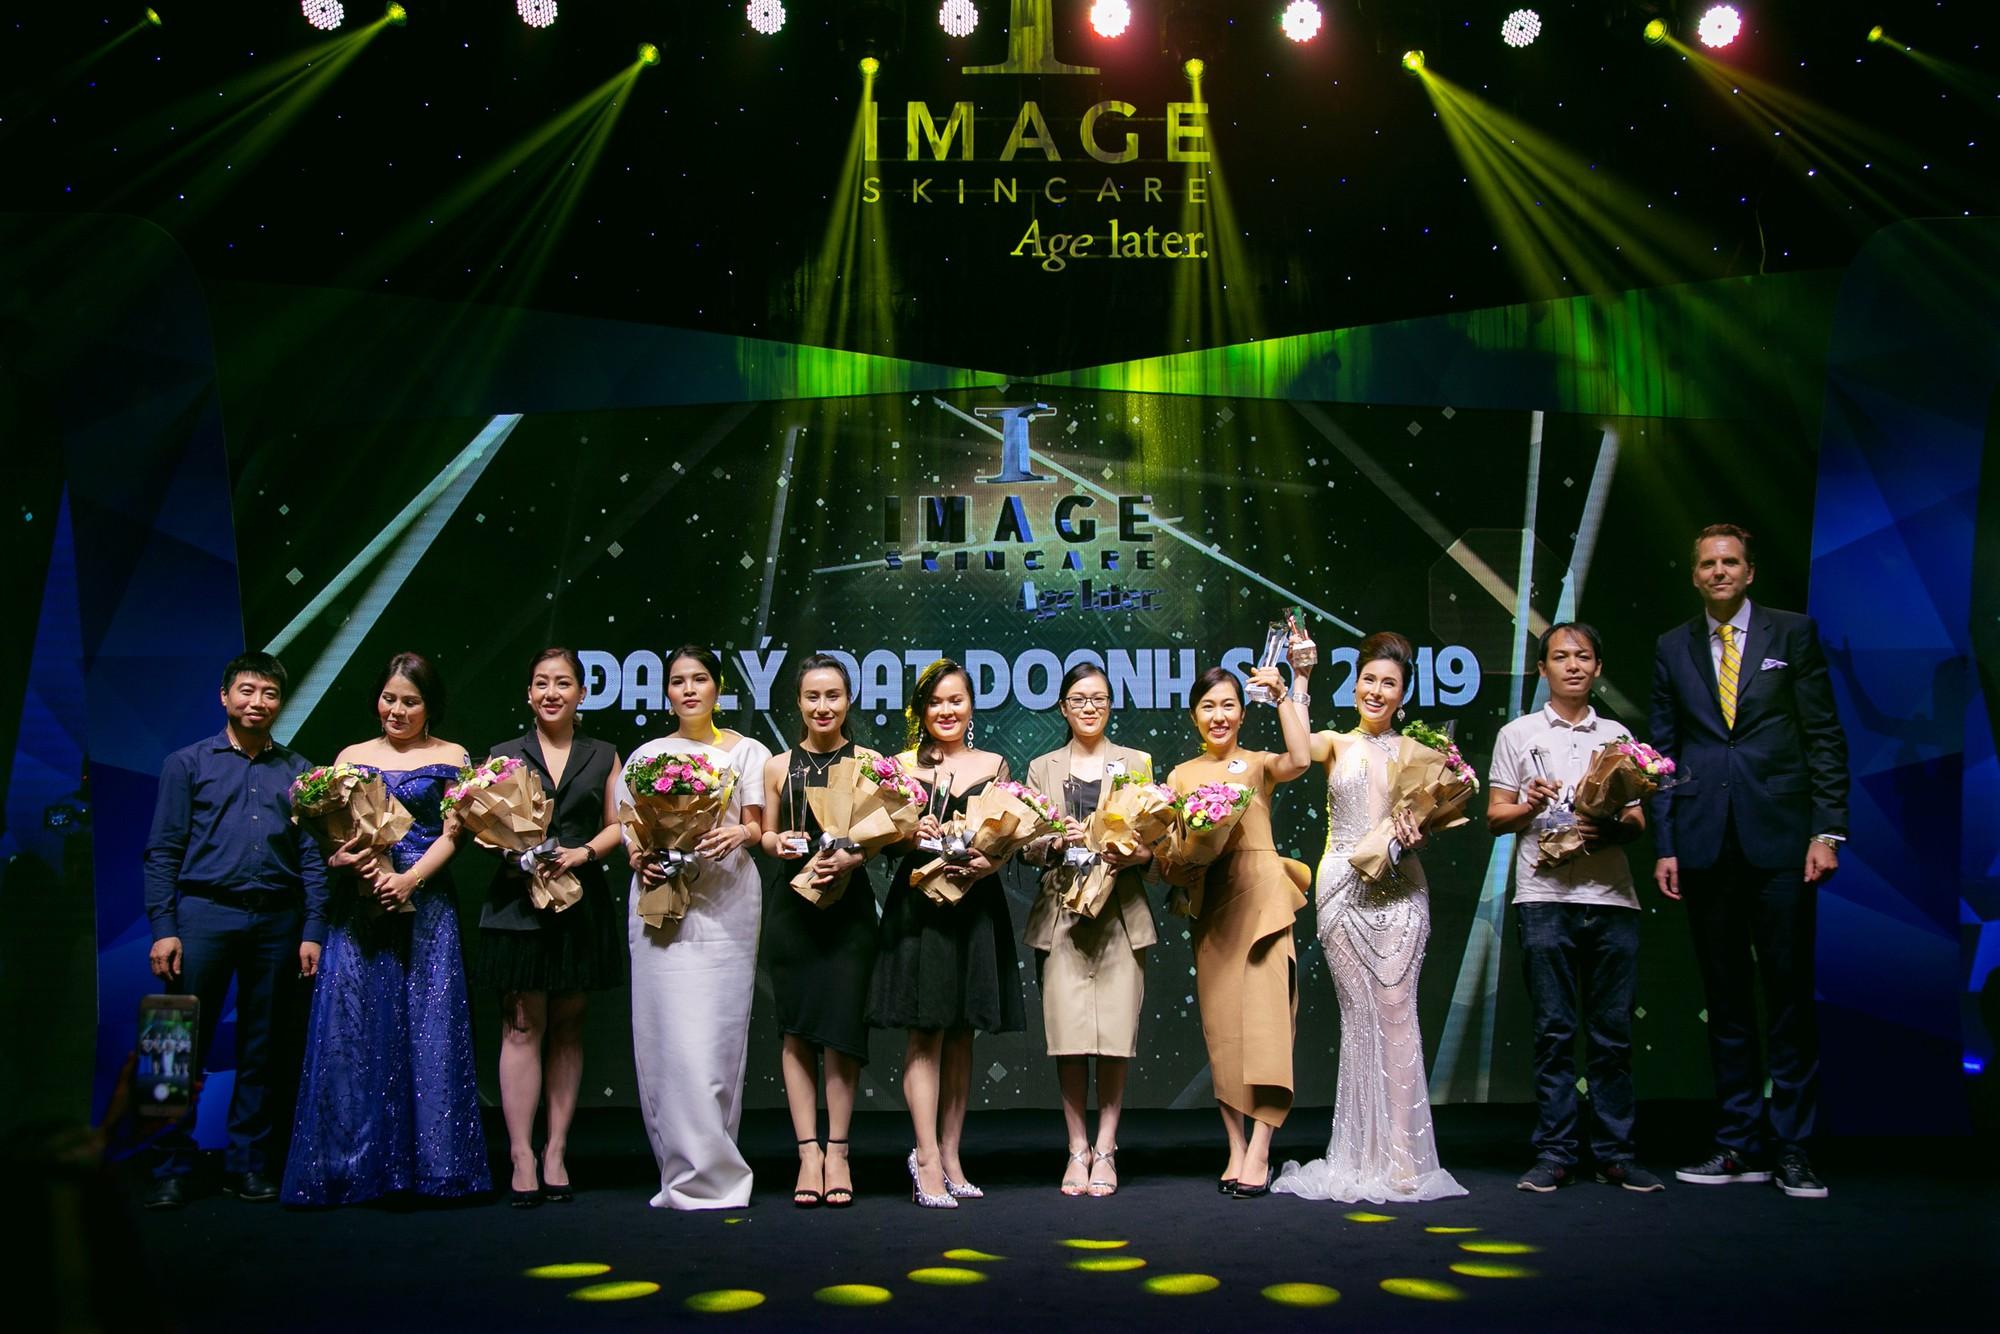 Hội nghị quốc tế IMAGEskincare lần thứ 12 Recover Your Beauty chuyên đề nám - Ảnh 2.